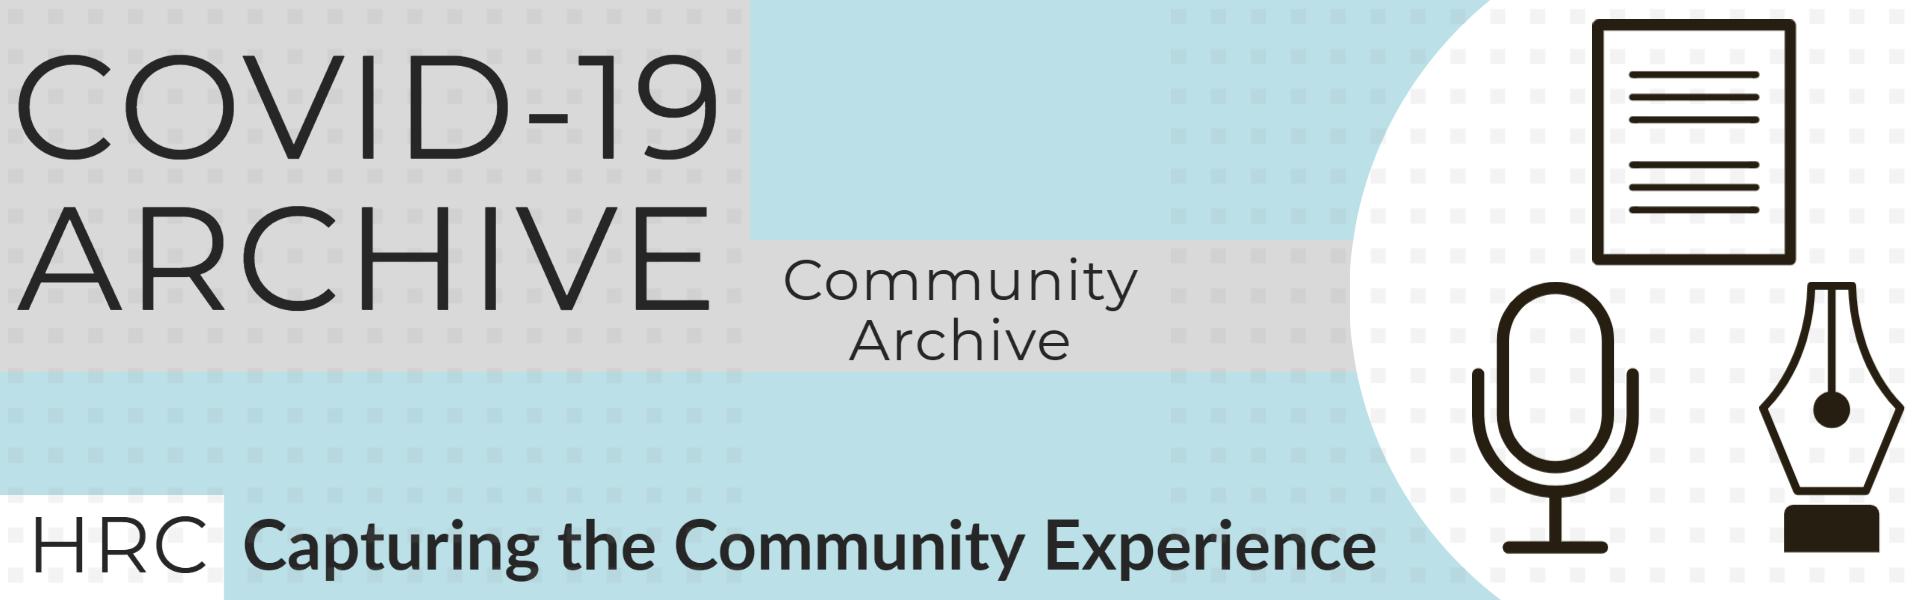 covid 19 archive